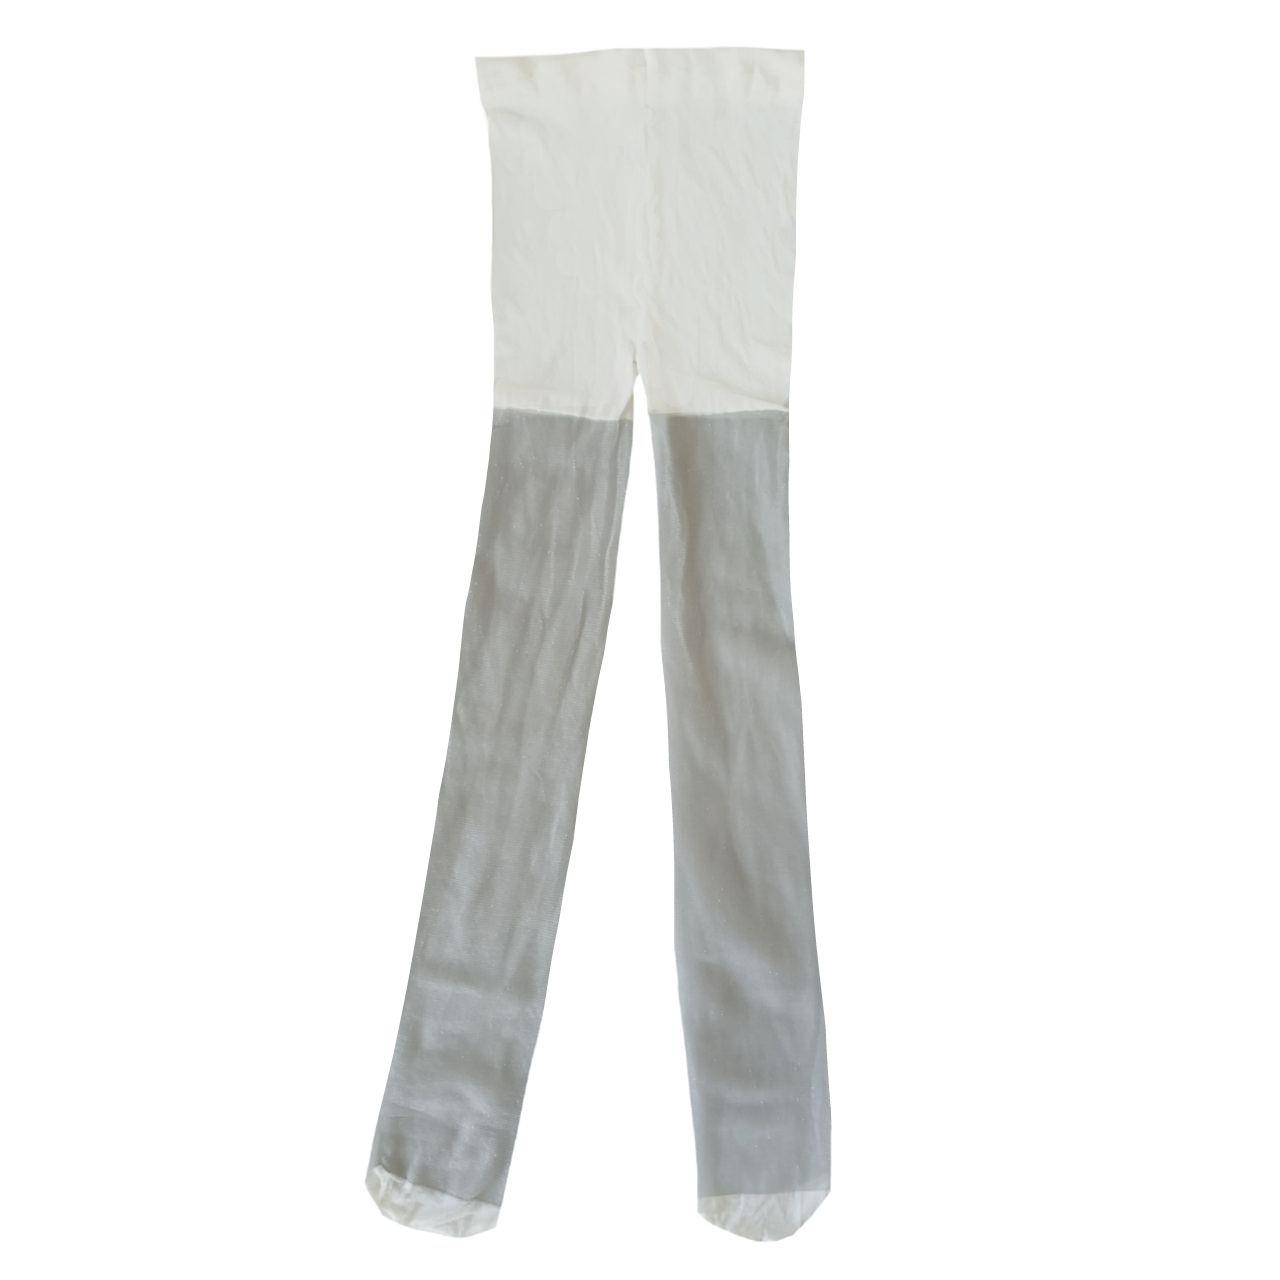 جوراب شلواری دخترانه کد 28 -  - 2